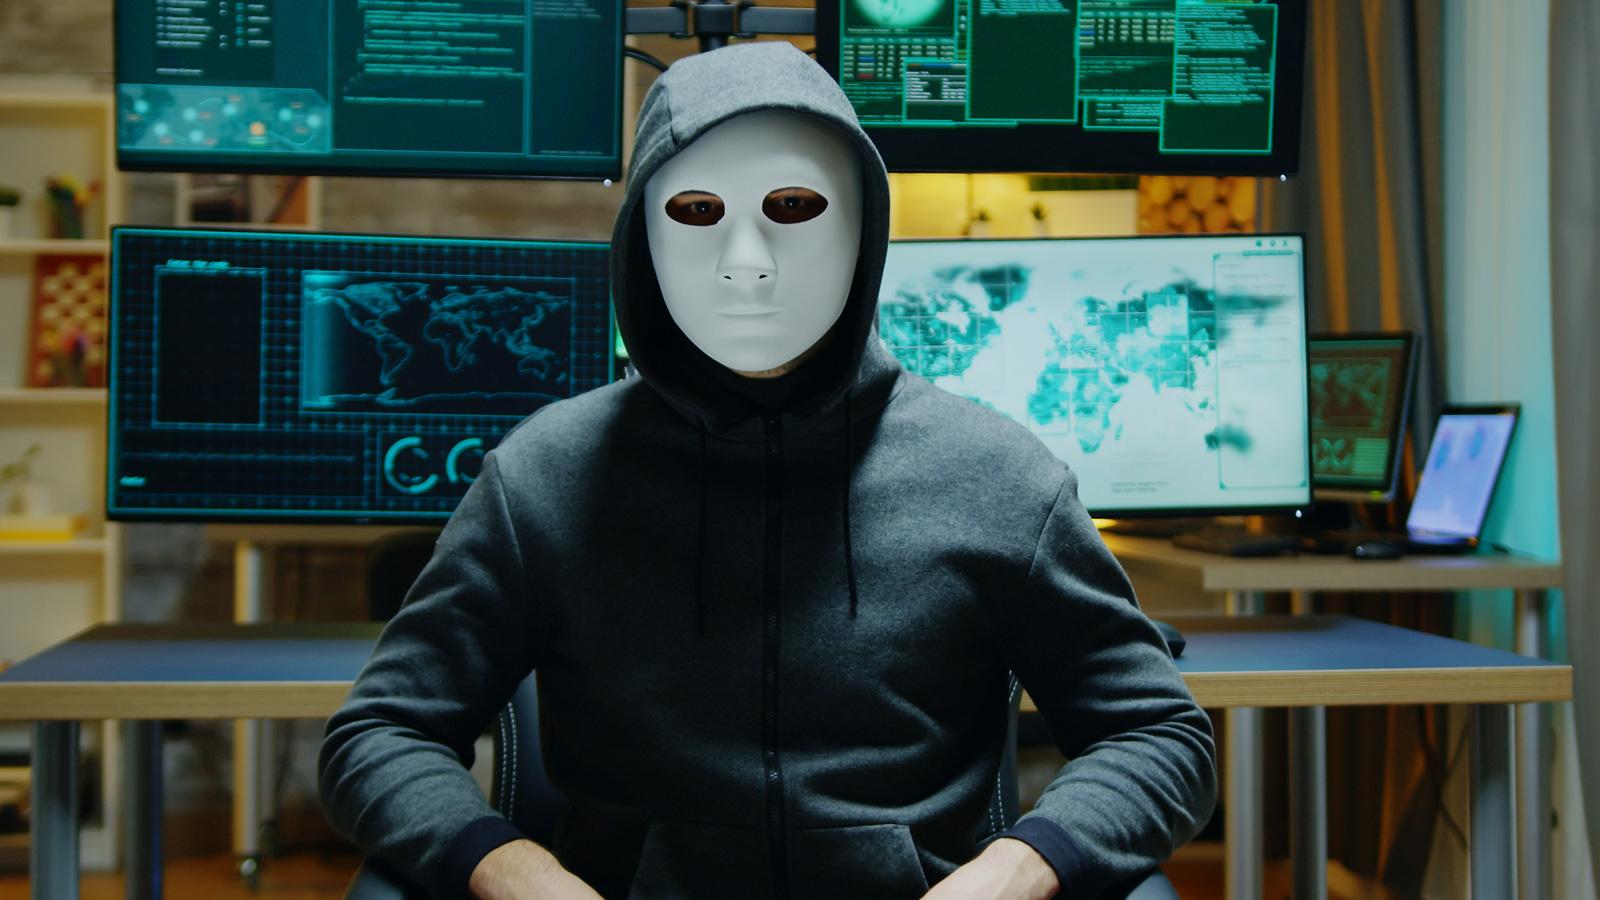 Sprzedaż kradzionych kont z aplikacji ZOOM Cyberbezpieczeństwo mediarun haker kradziez technologia 2020